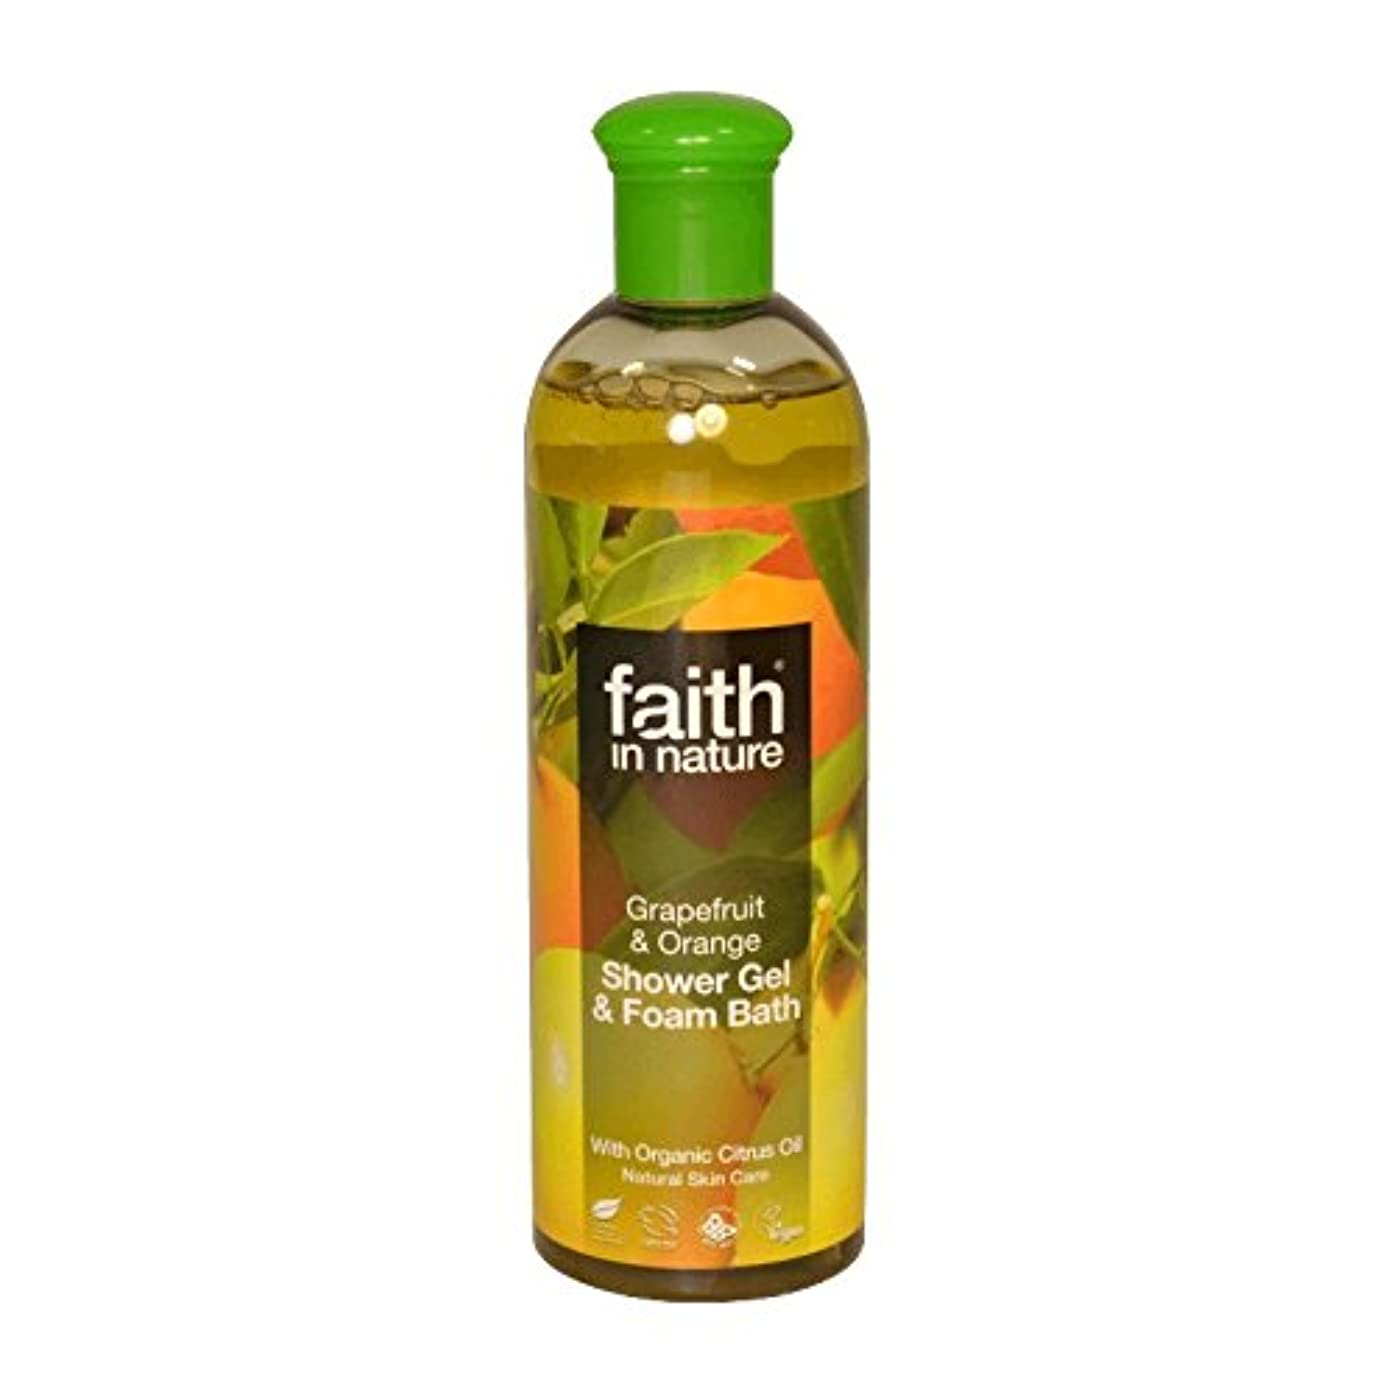 溢れんばかりの病な夫婦Faith in Nature Grapefruit & Orange Shower Gel & Bath Foam 400ml (Pack of 2) - 自然グレープフルーツ&オレンジシャワージェル&バス泡400ミリリットルの信仰 (x2) [並行輸入品]